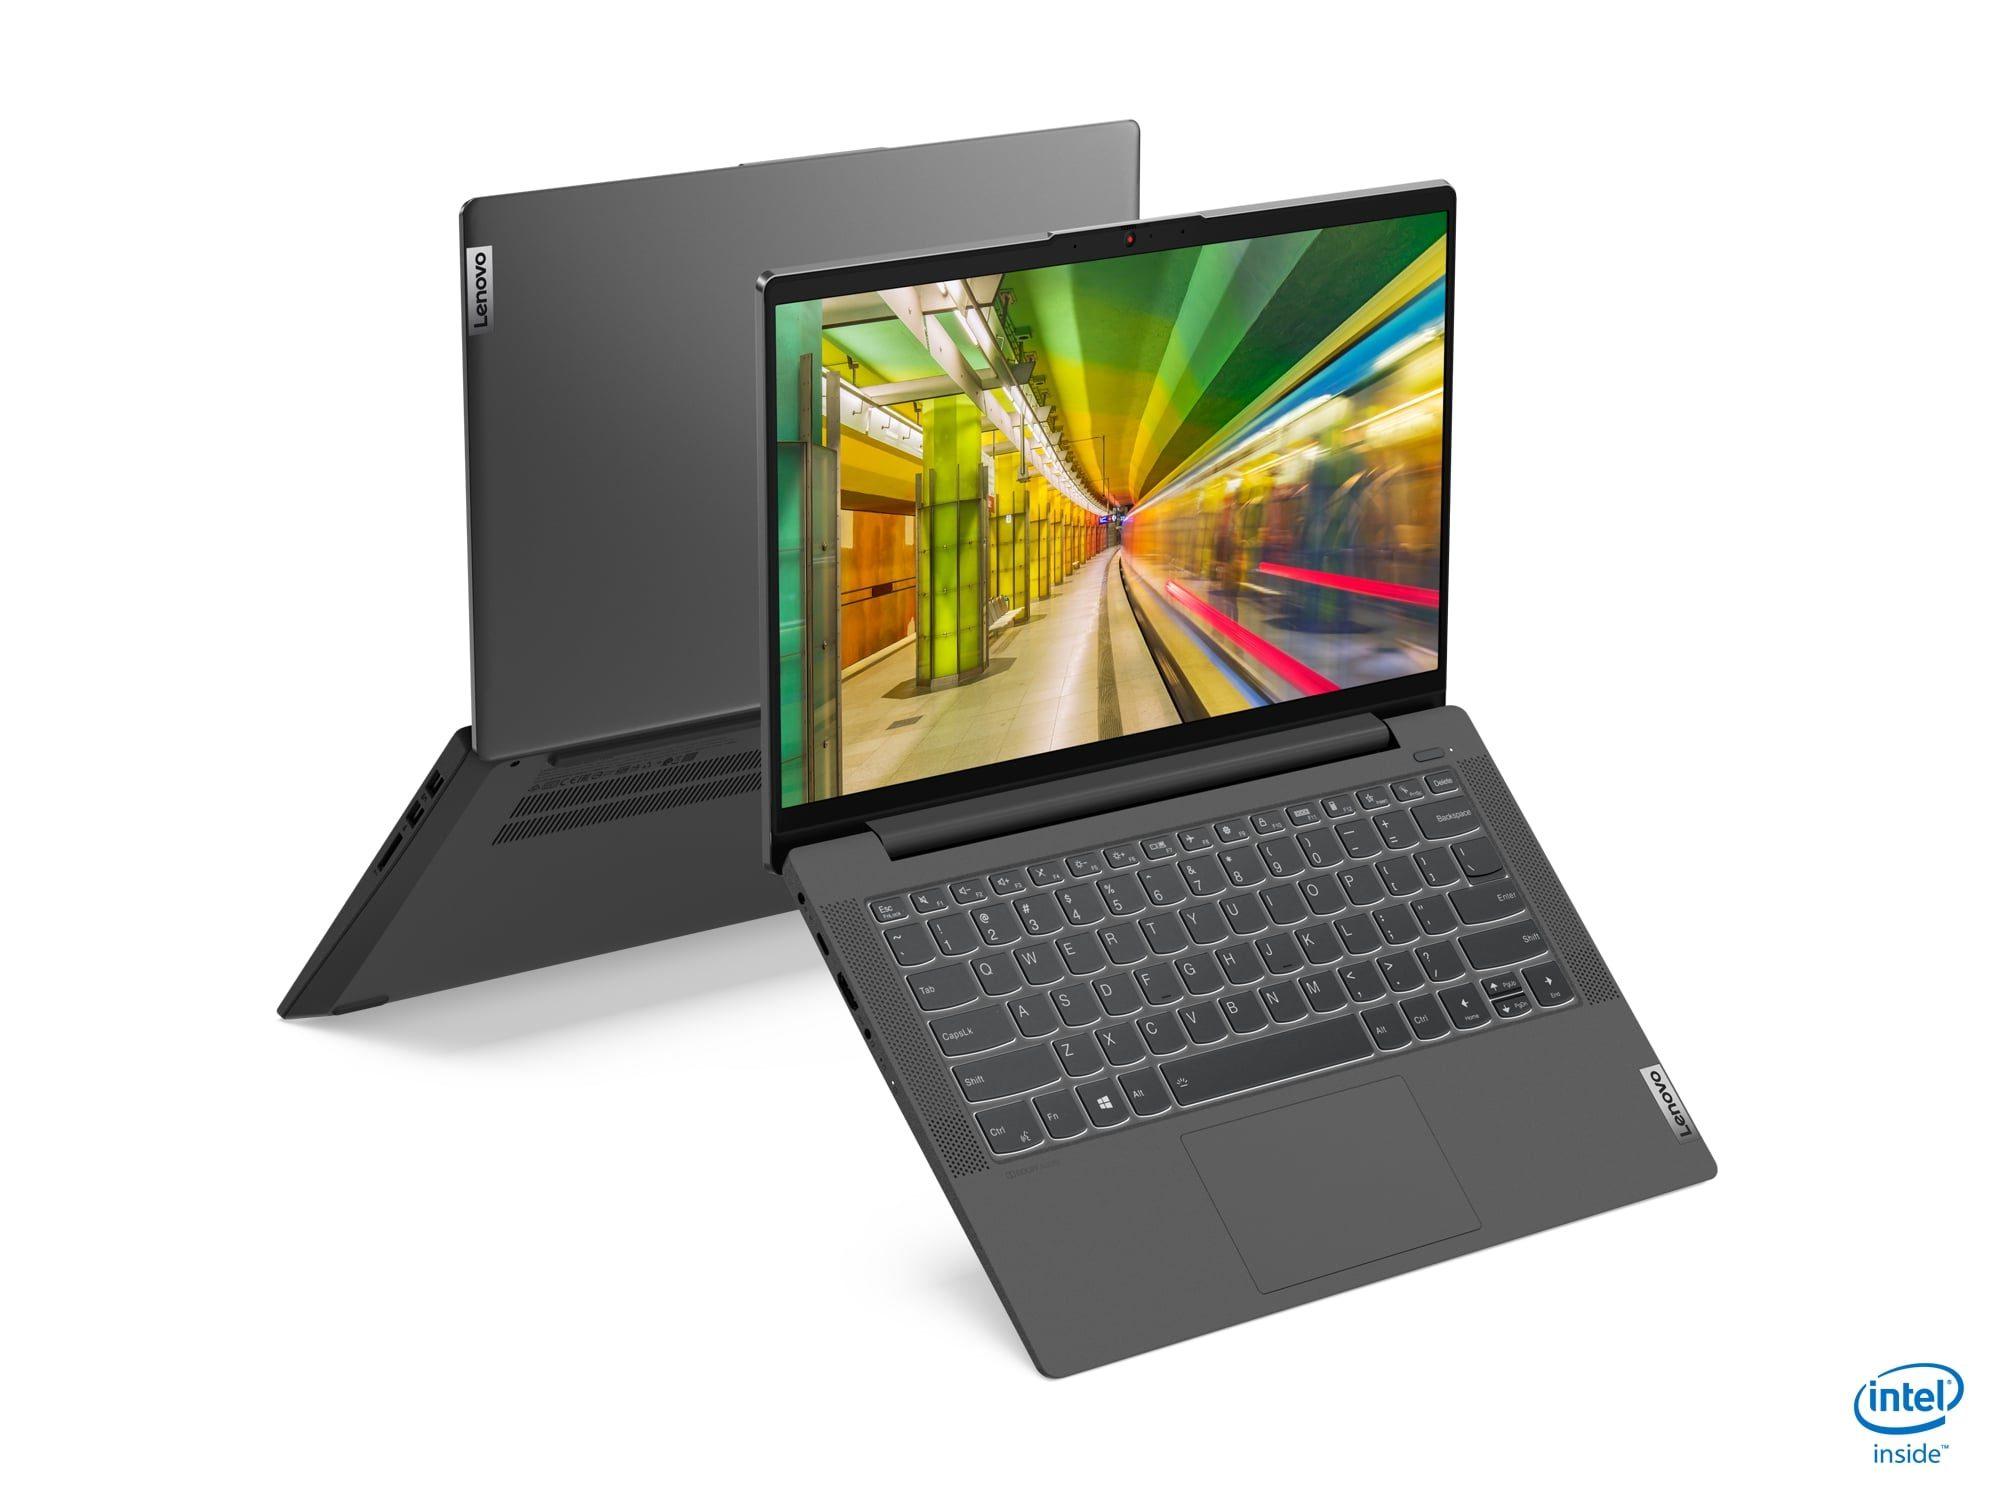 เลอโนโว IdeaPad Slim 5i แล็ปท็อปทรงพลังเพื่อคนครีเอทีฟ